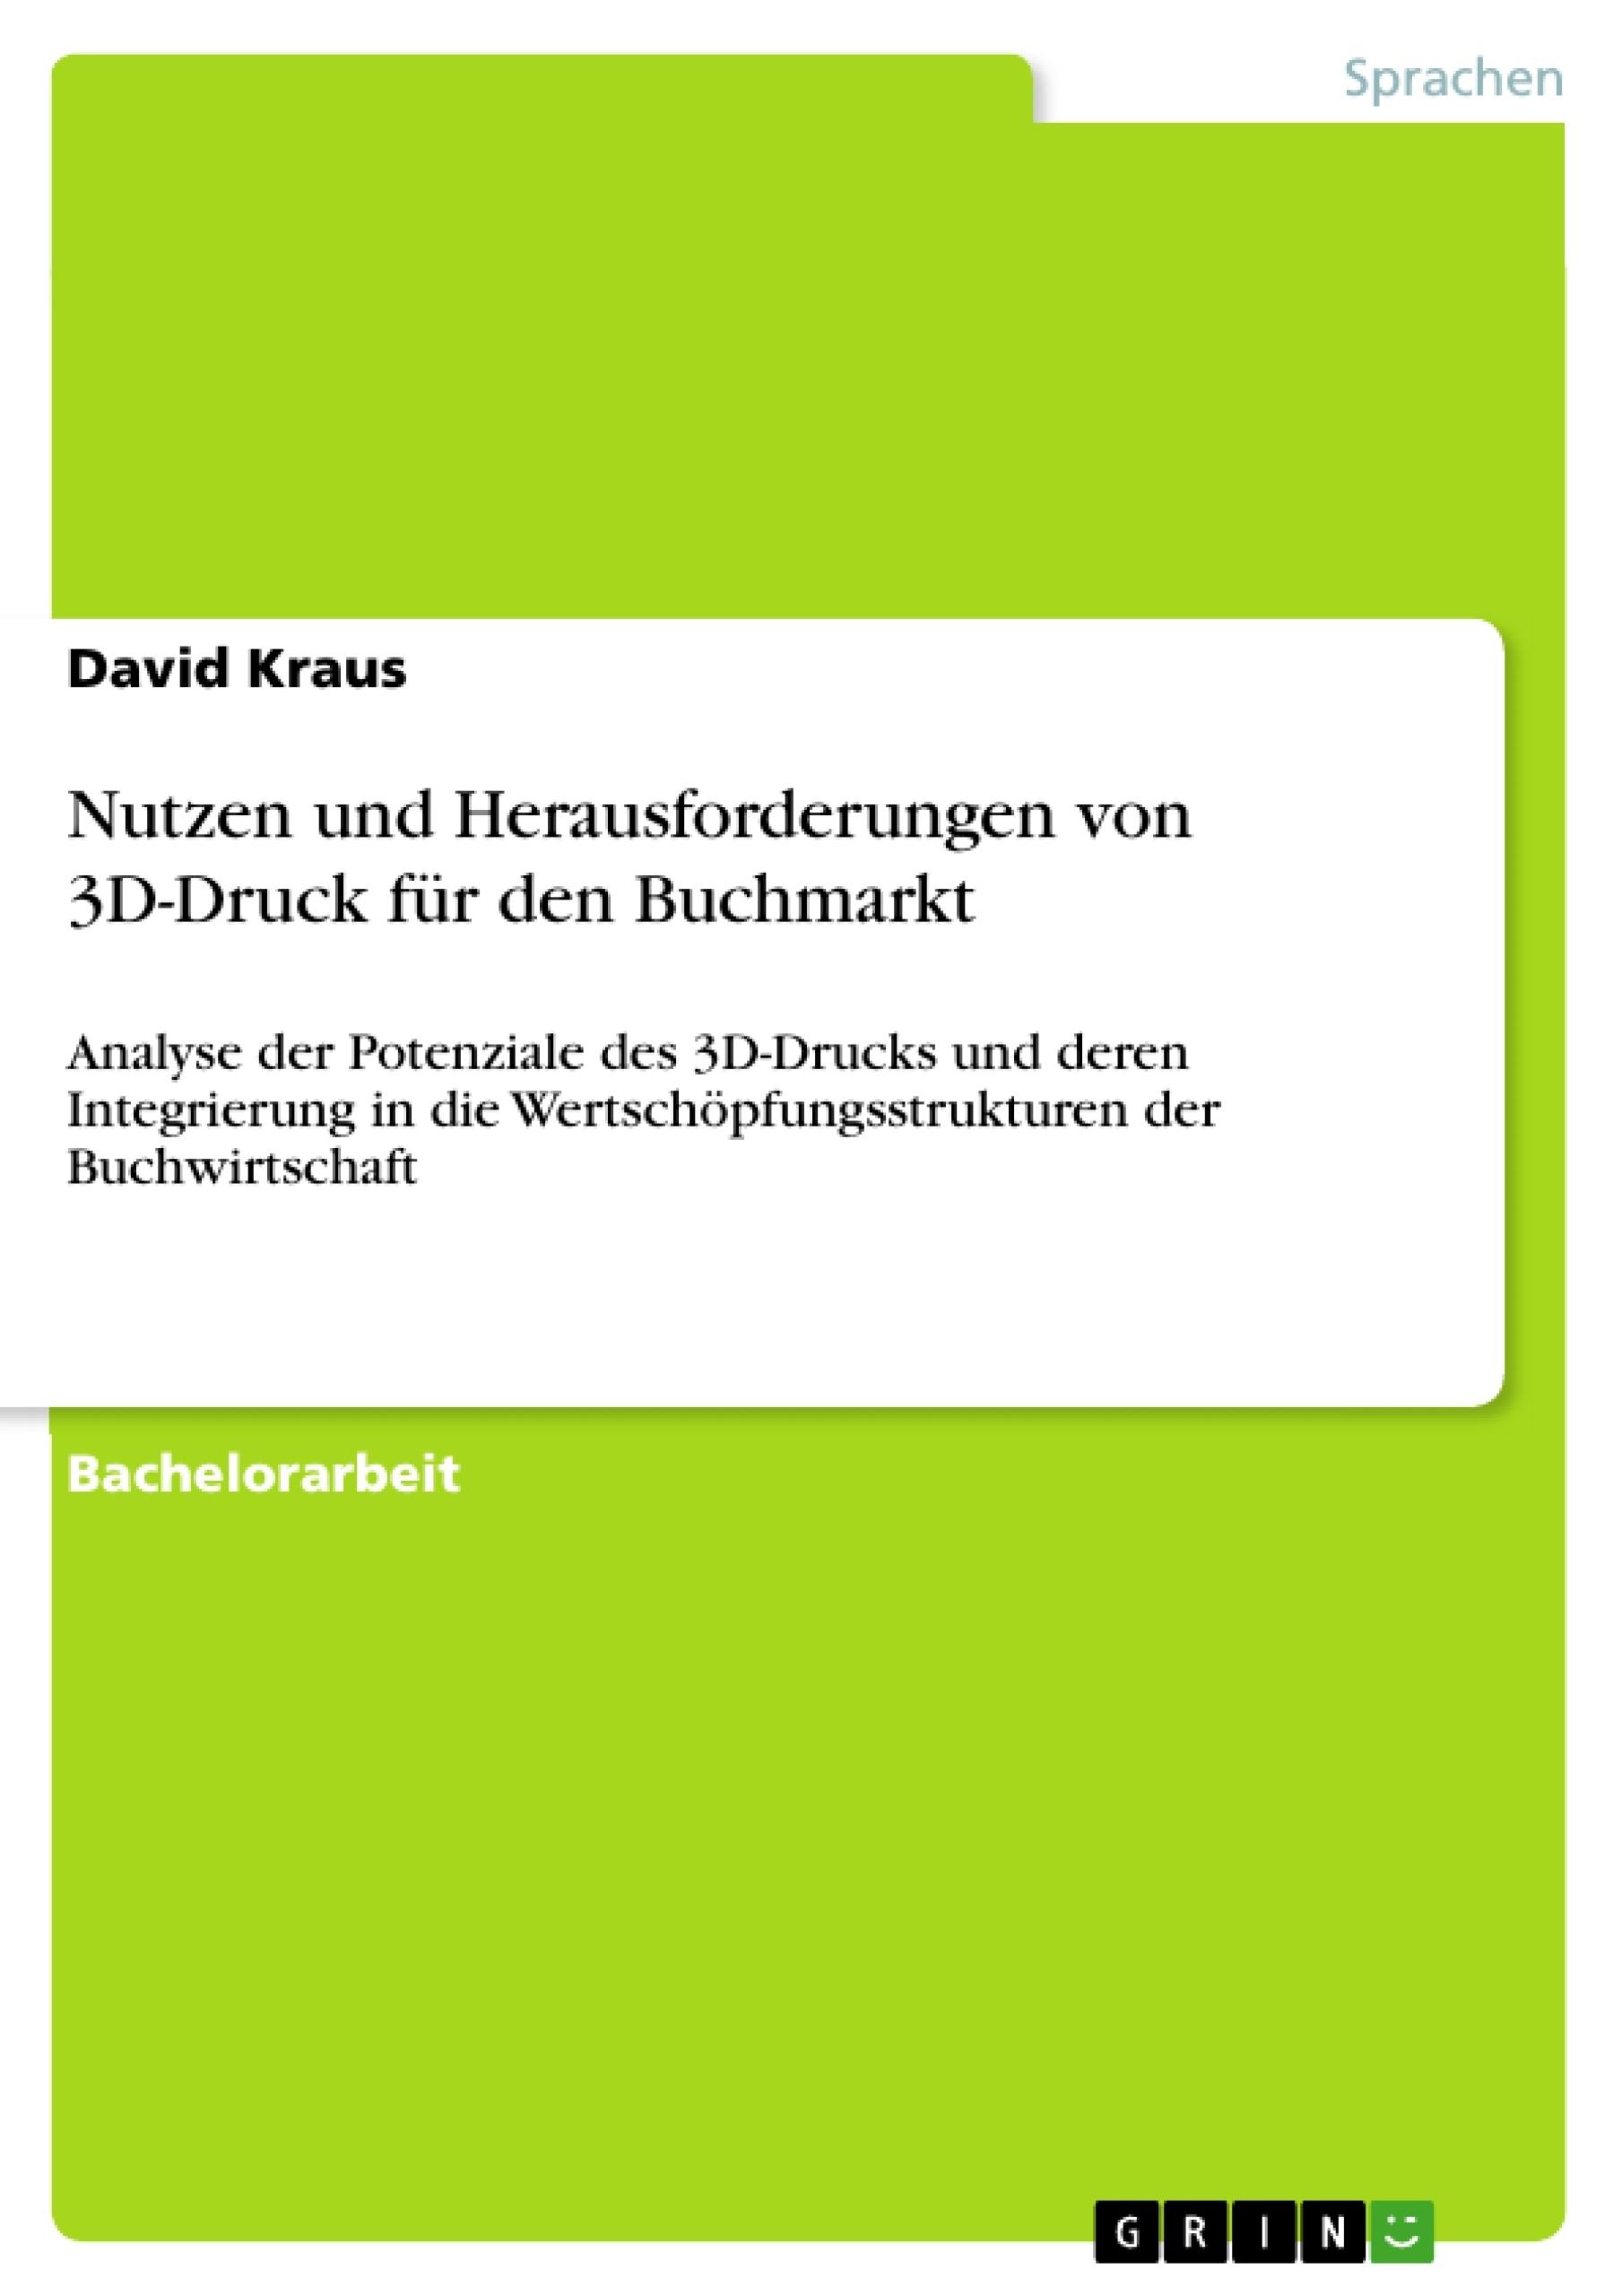 Titel: Nutzen und Herausforderungen von 3D-Druck für den Buchmarkt